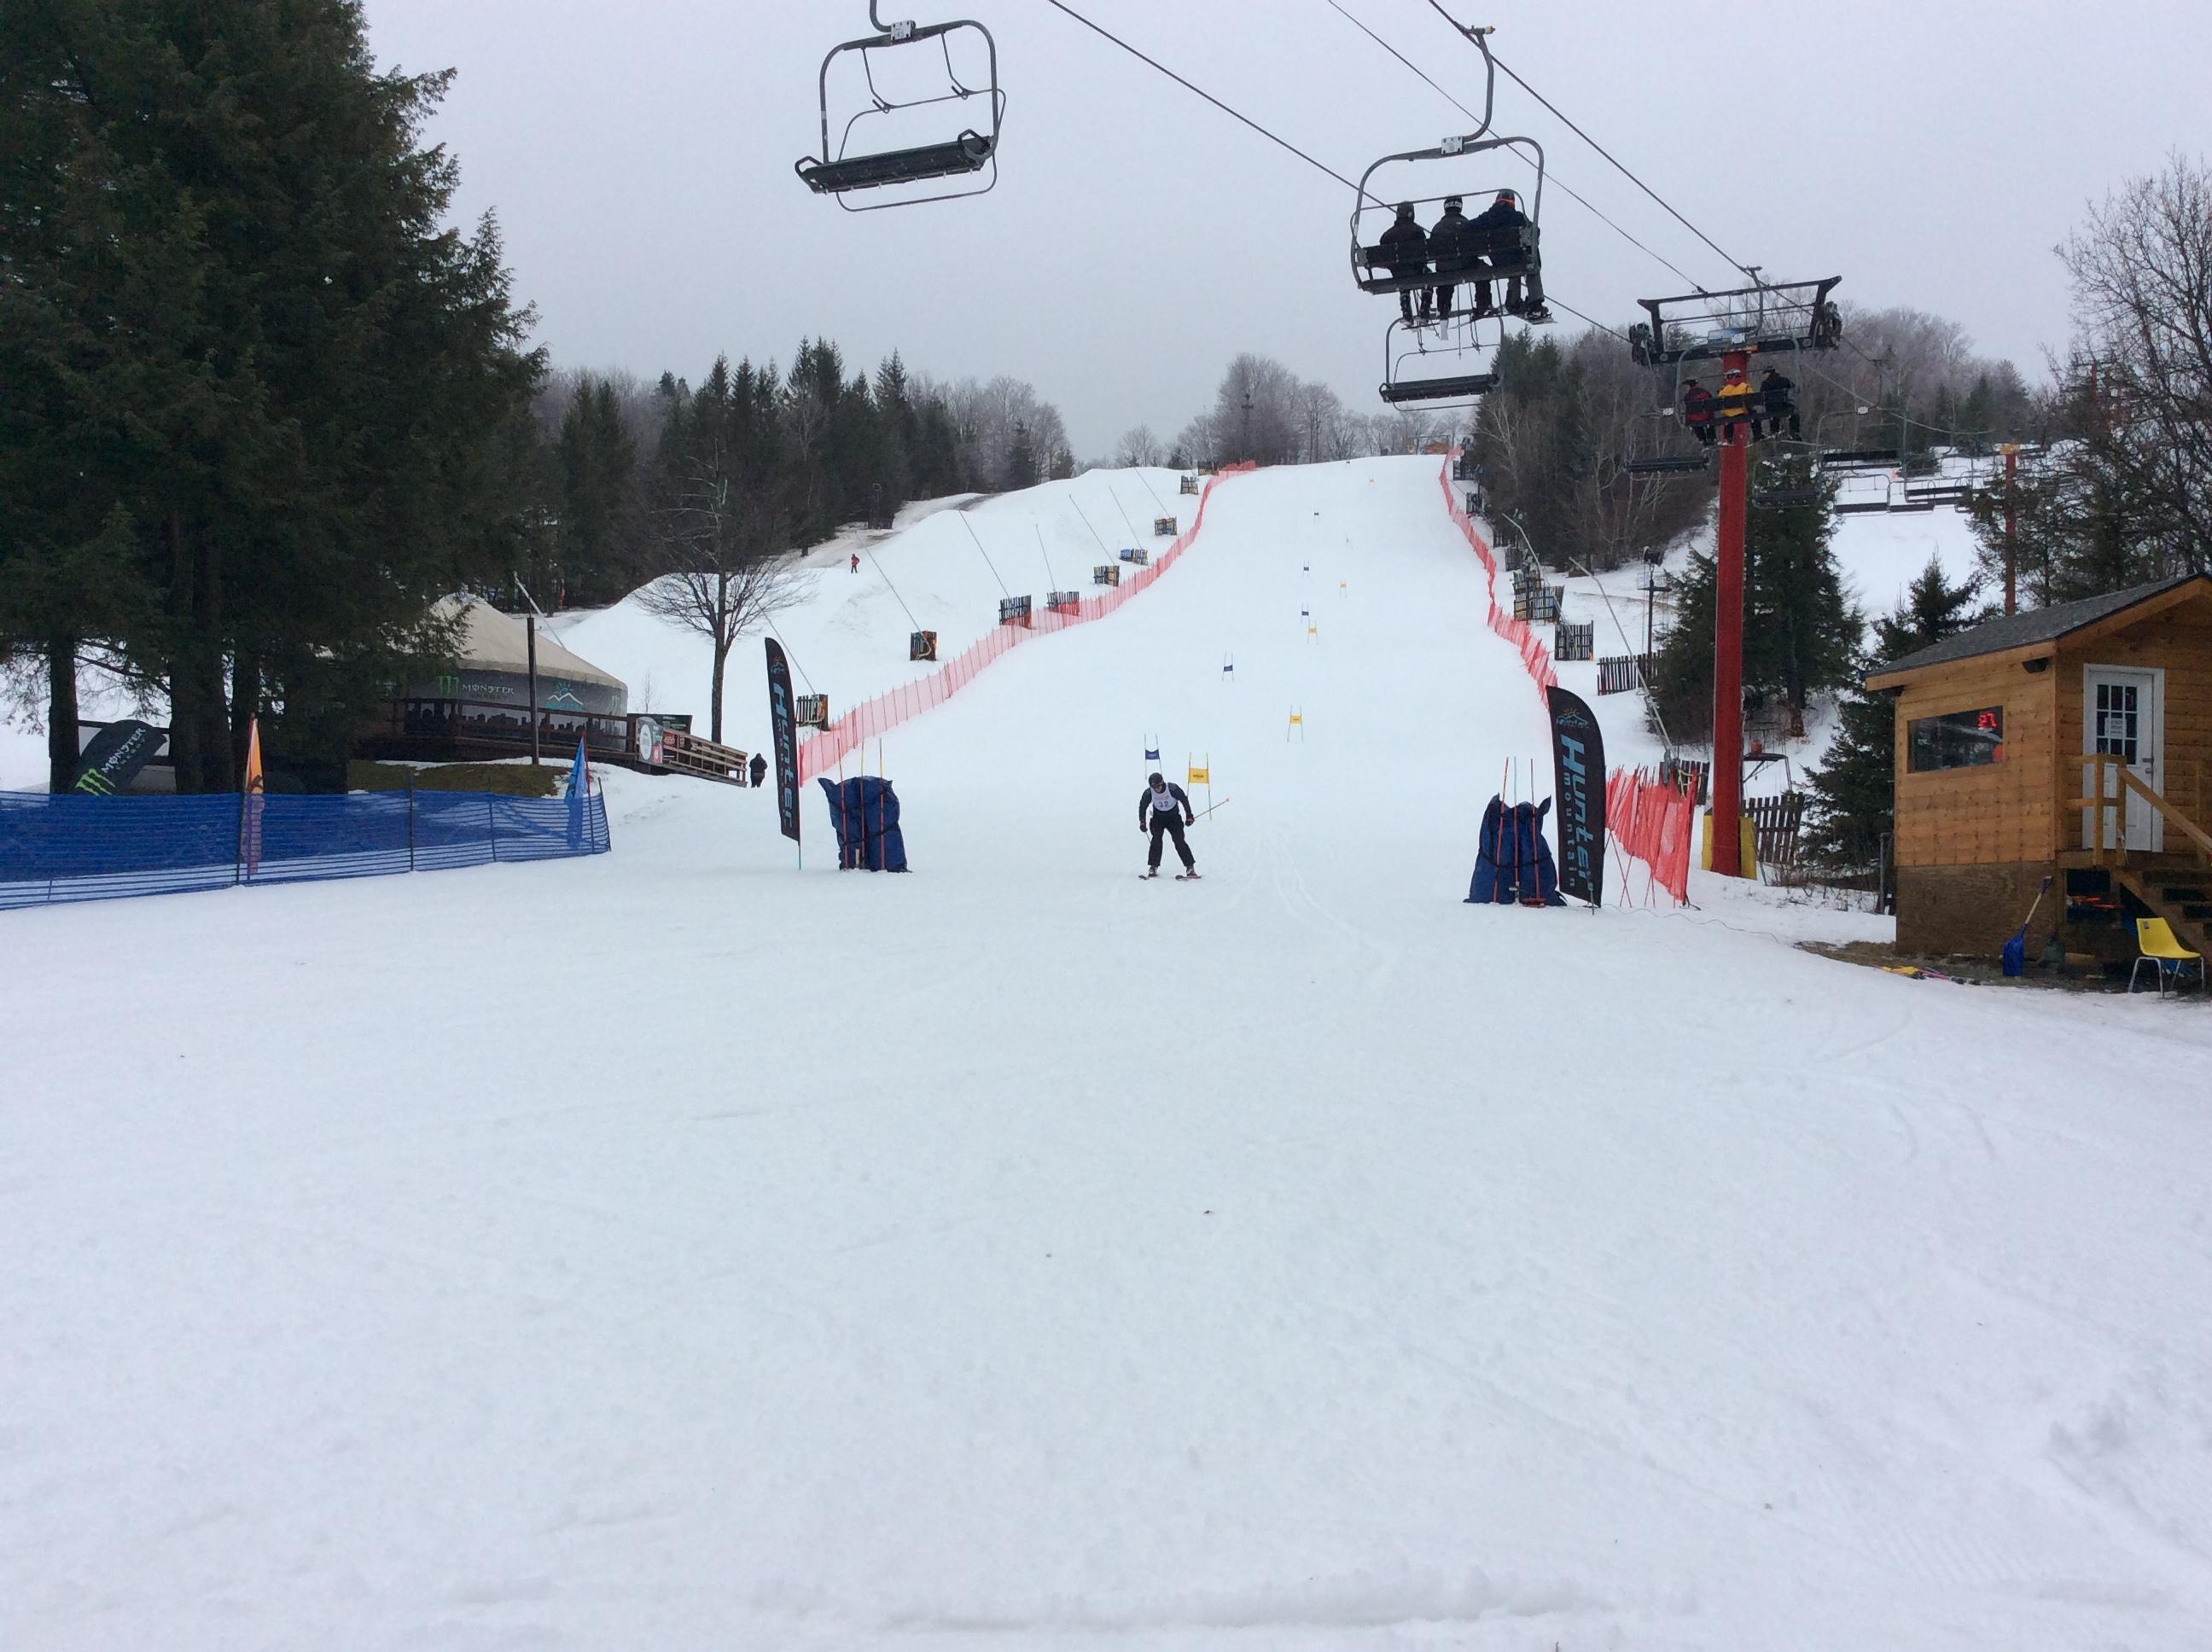 nypd-ski-club_32275738231_o